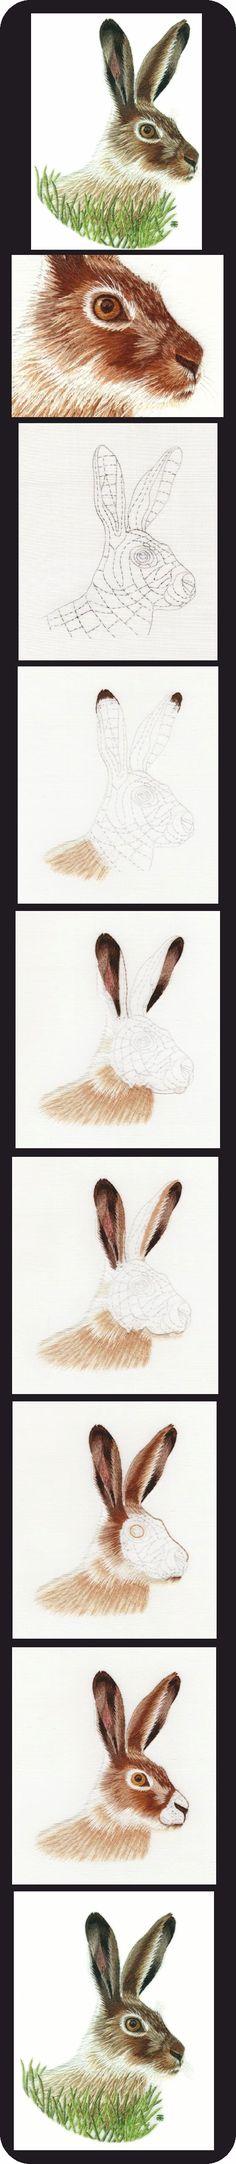 Lapin, peinture à l'aiguille http://www.berlinembroidery.com/jackrabbitworkinprogress.htm#stage1